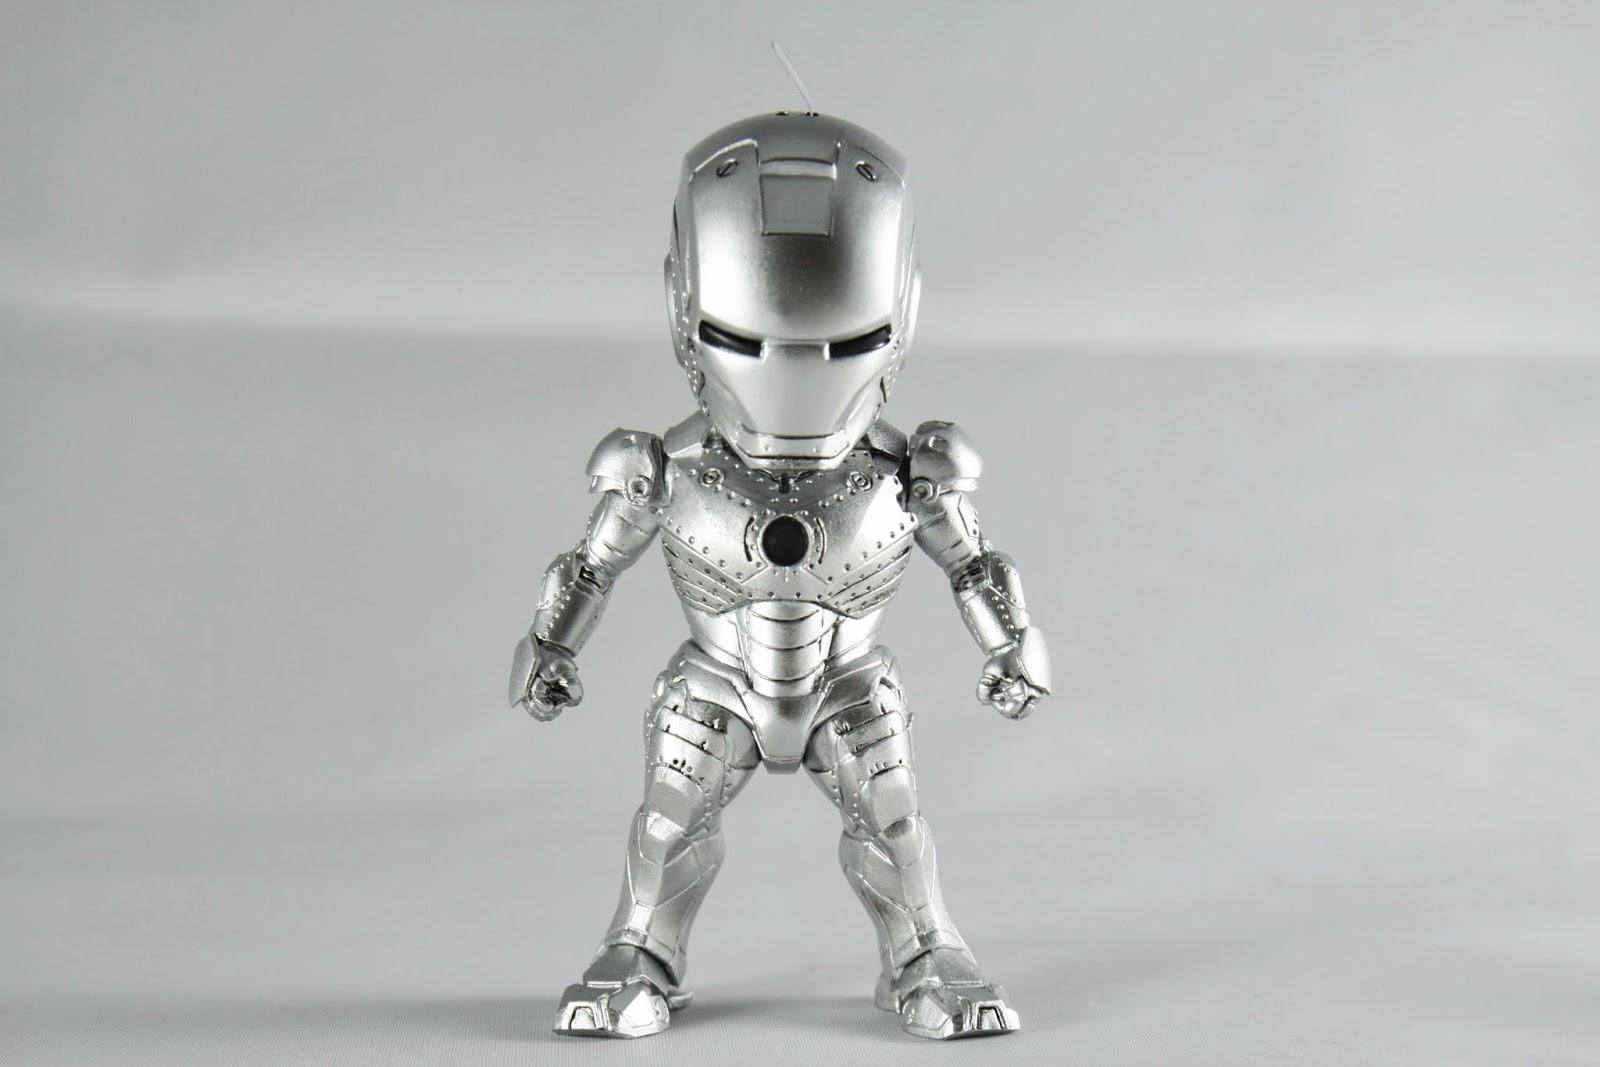 mk II正面 電影東尼回到美國後製作的試作裝甲 因為是試作所以外觀沒有塗裝